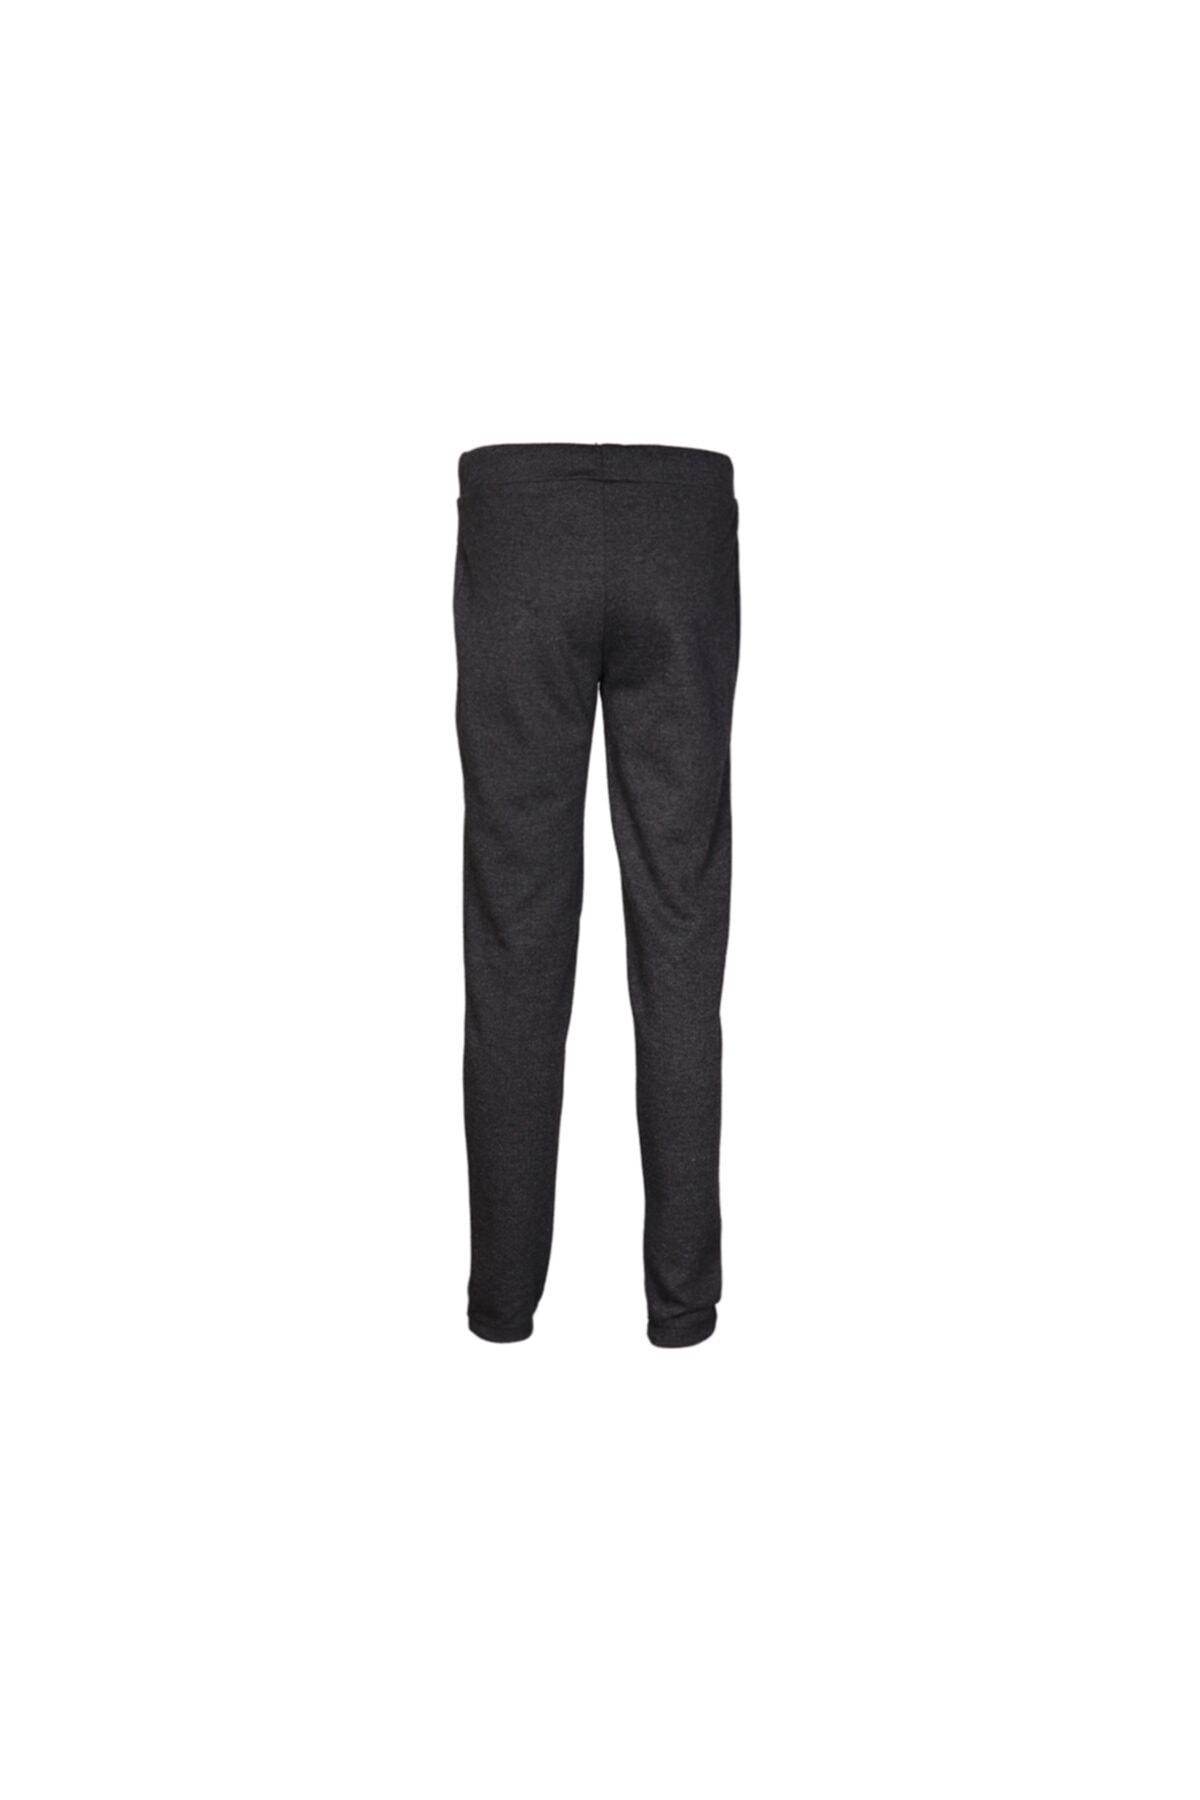 HUMMEL Spor Pantolon 2